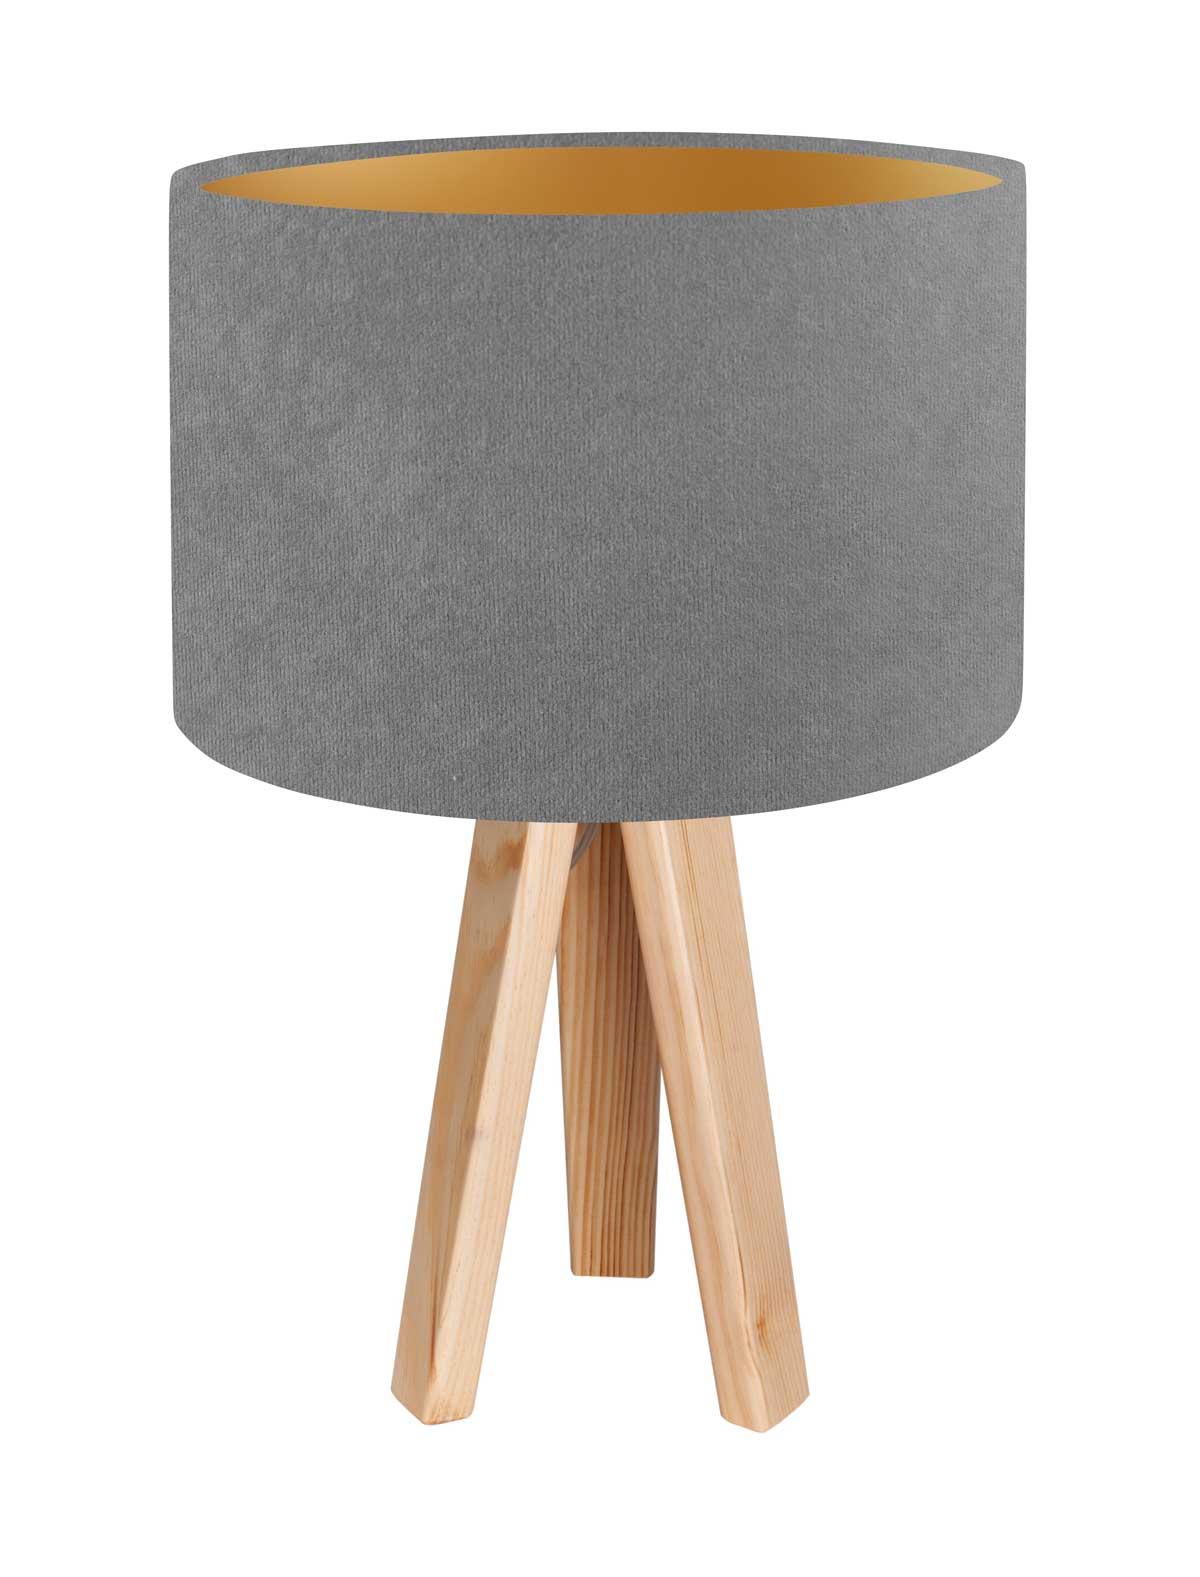 Tischleuchte Tischlampe Jalua T Velours grey & gold mit Dreibein aus Holz H: 47cm 10753